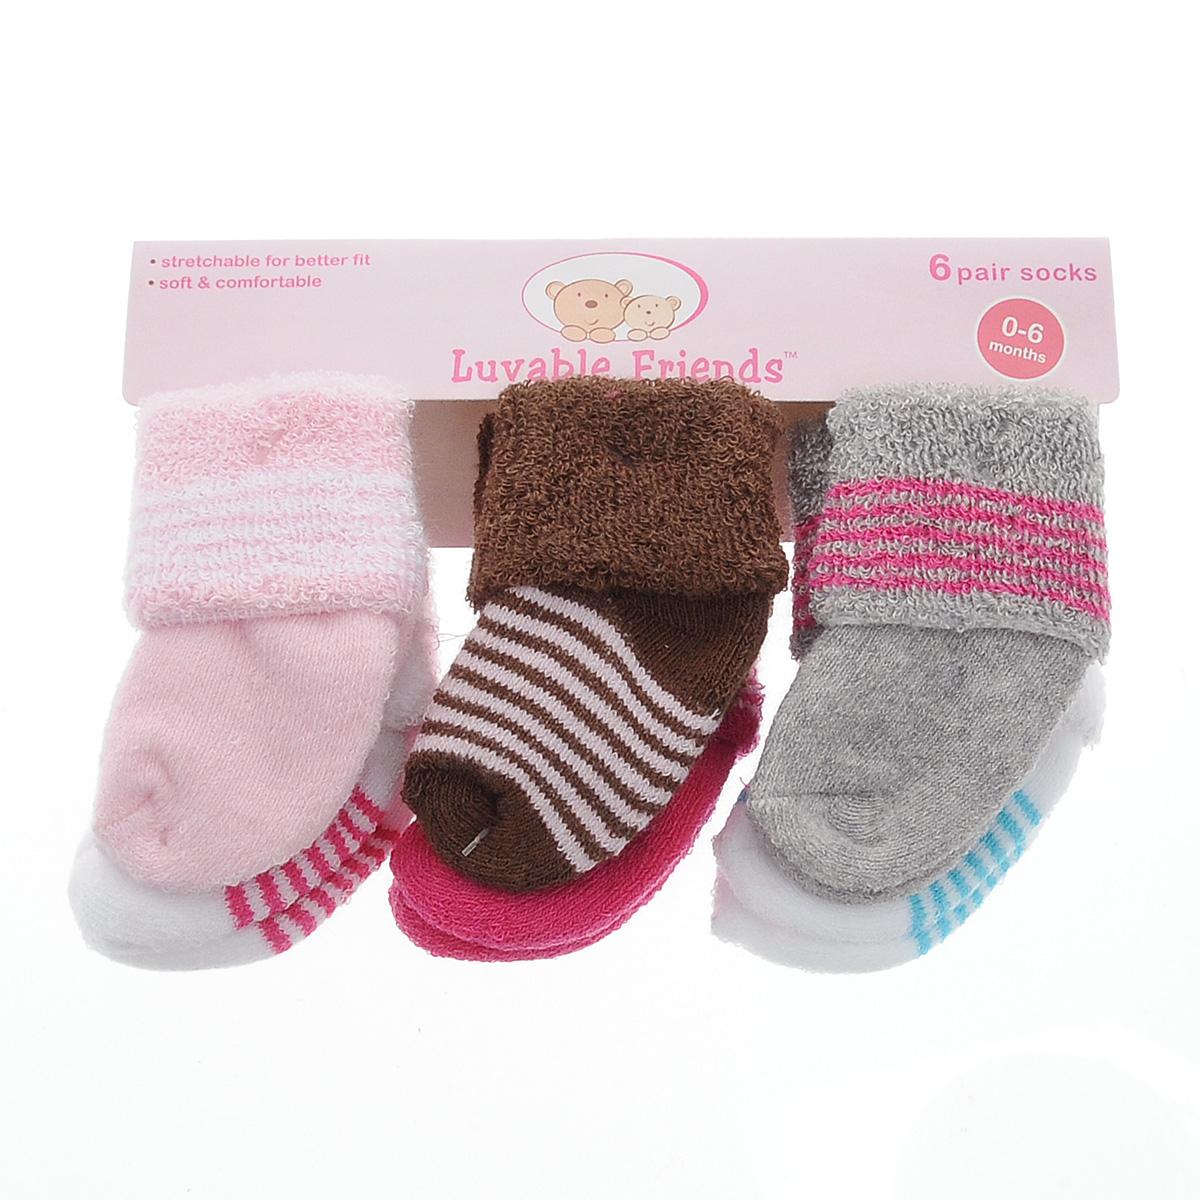 Носки детские Luvable Friends, цвет: серый, розовый, белый, 6 пар. 20615. Размер 55/67, 0-6 месяца20615Комфортные, прочные и красивые детские носки Luvable Friends, махровые внутри, очень мягкие на ощупь, а широкая резинка-отворот плотно облегает ножку ребенка, не сдавливая ее, благодаря чему малышу будет комфортно и удобно. Комплект состоит из шести пар носочков различной расцветки.